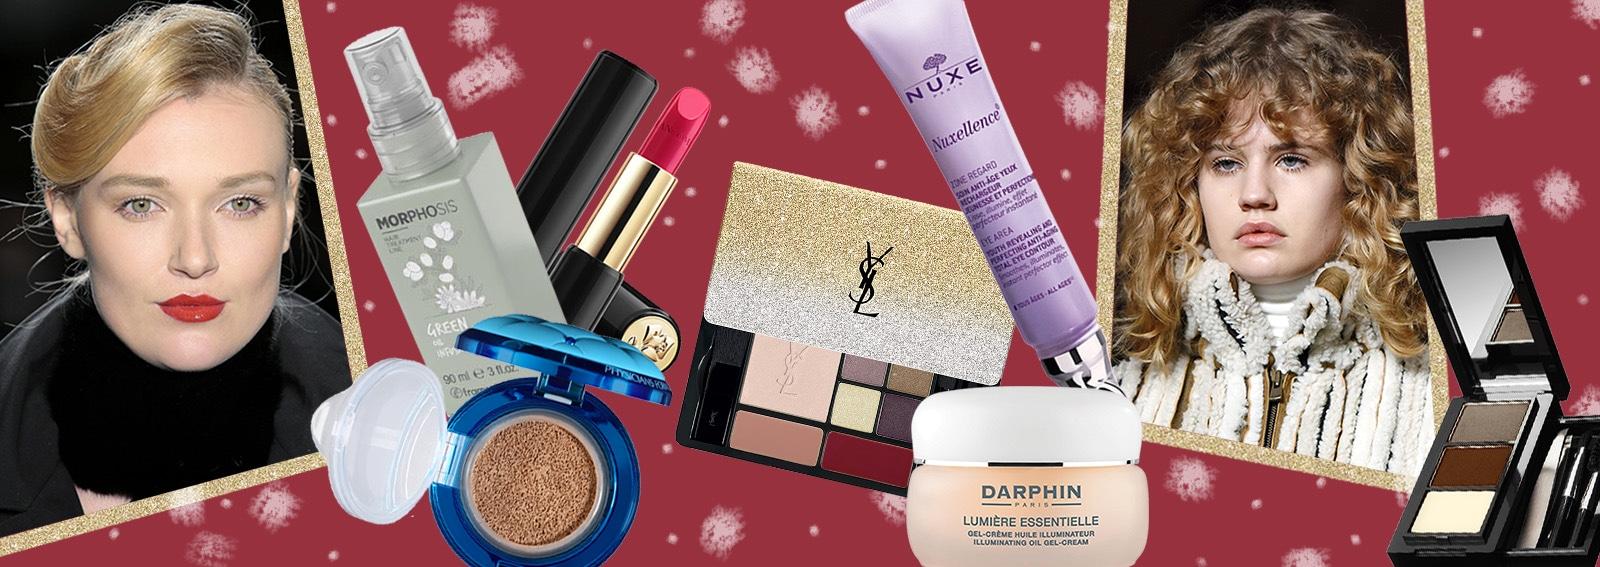 COVER-La beauty bag natalizia i prodotti da portare in viaggio-DESKTOP